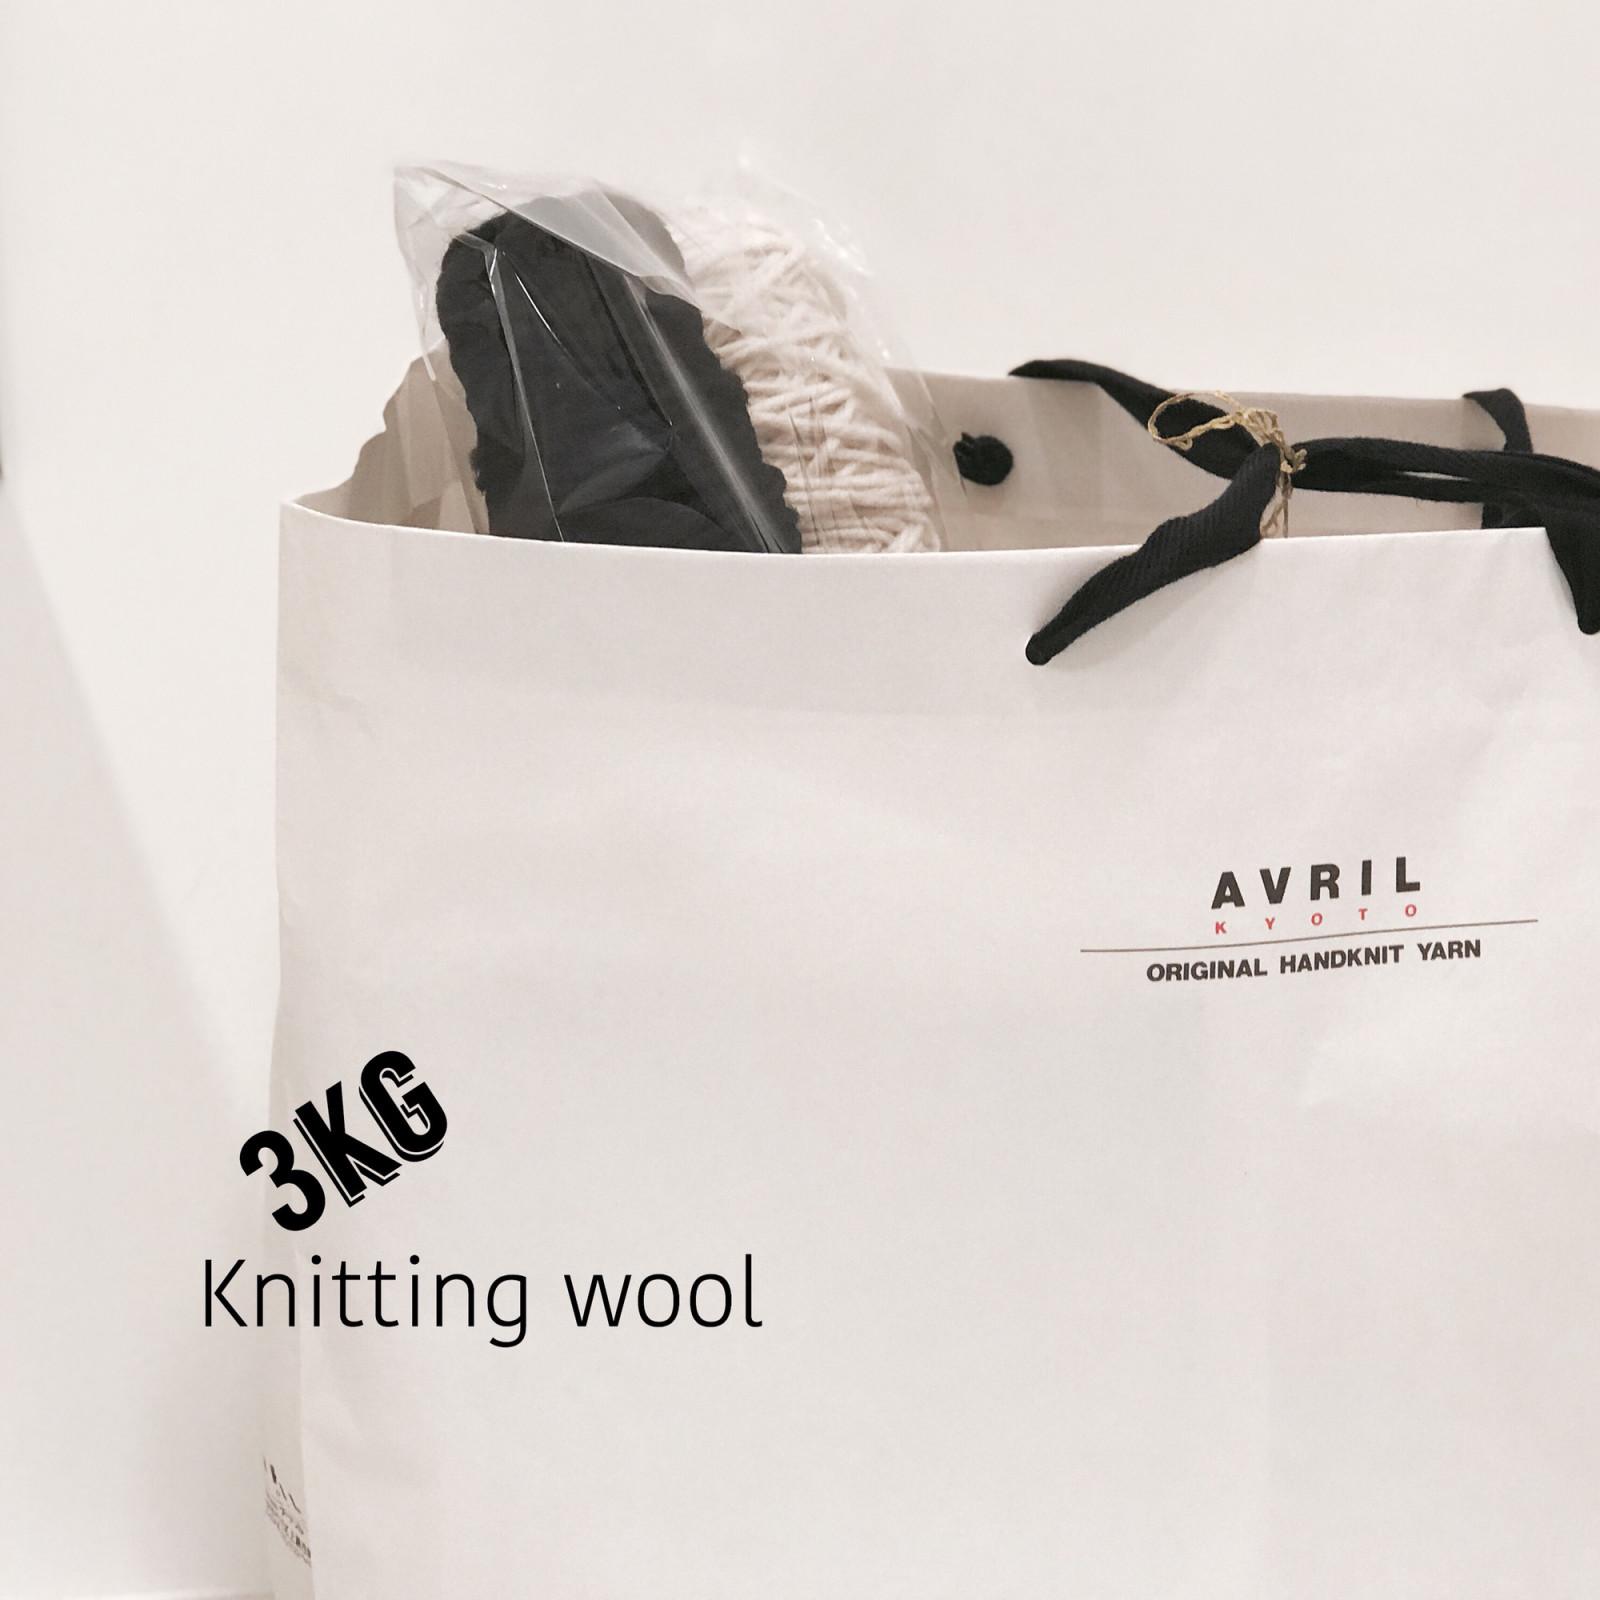 3キロの編み糸買いました!@AVRIL吉祥寺